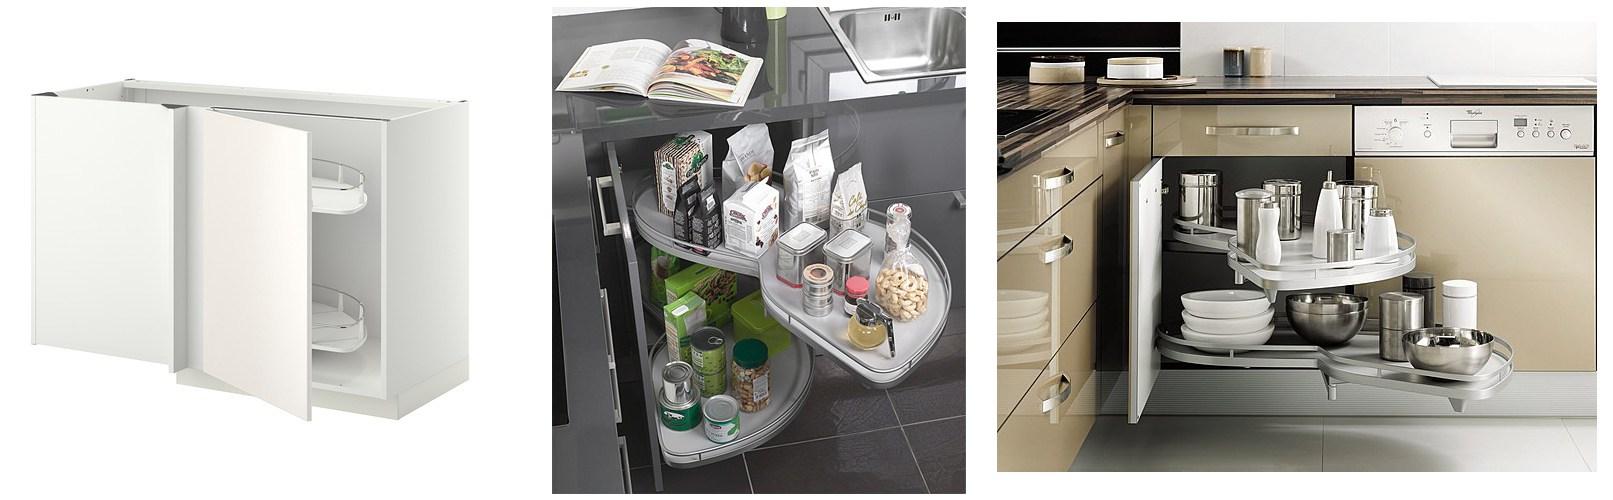 monter un meuble d 39 angle cuisine ikea veranda. Black Bedroom Furniture Sets. Home Design Ideas